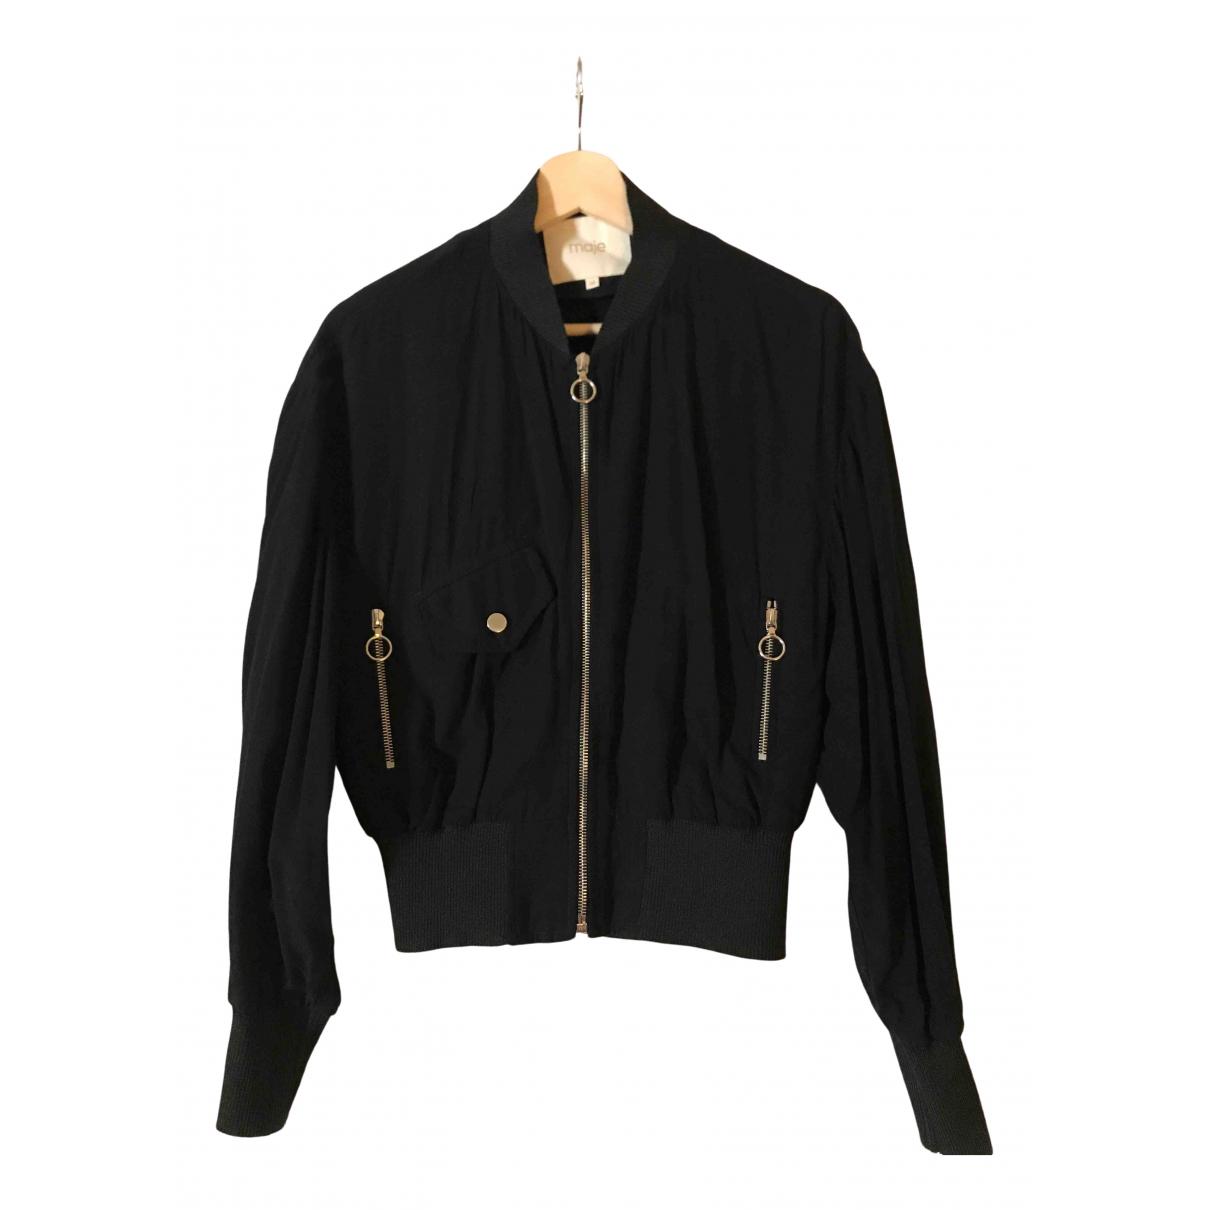 Maje \N Black jacket for Women 38 FR